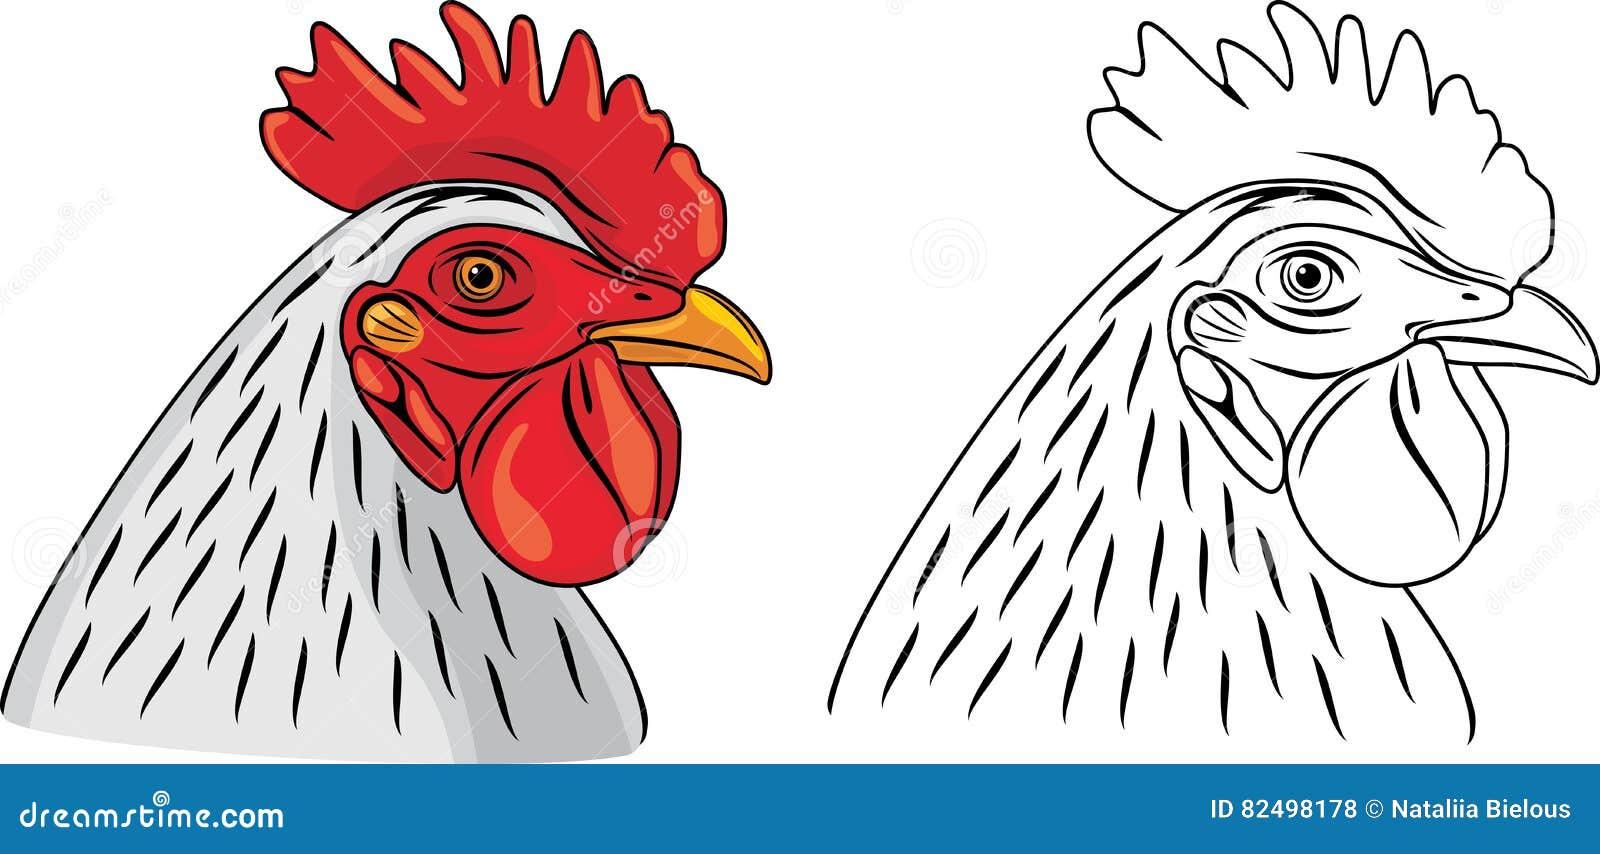 Lujoso Anatomía Cabeza De Gallo Ilustración - Anatomía de Las ...